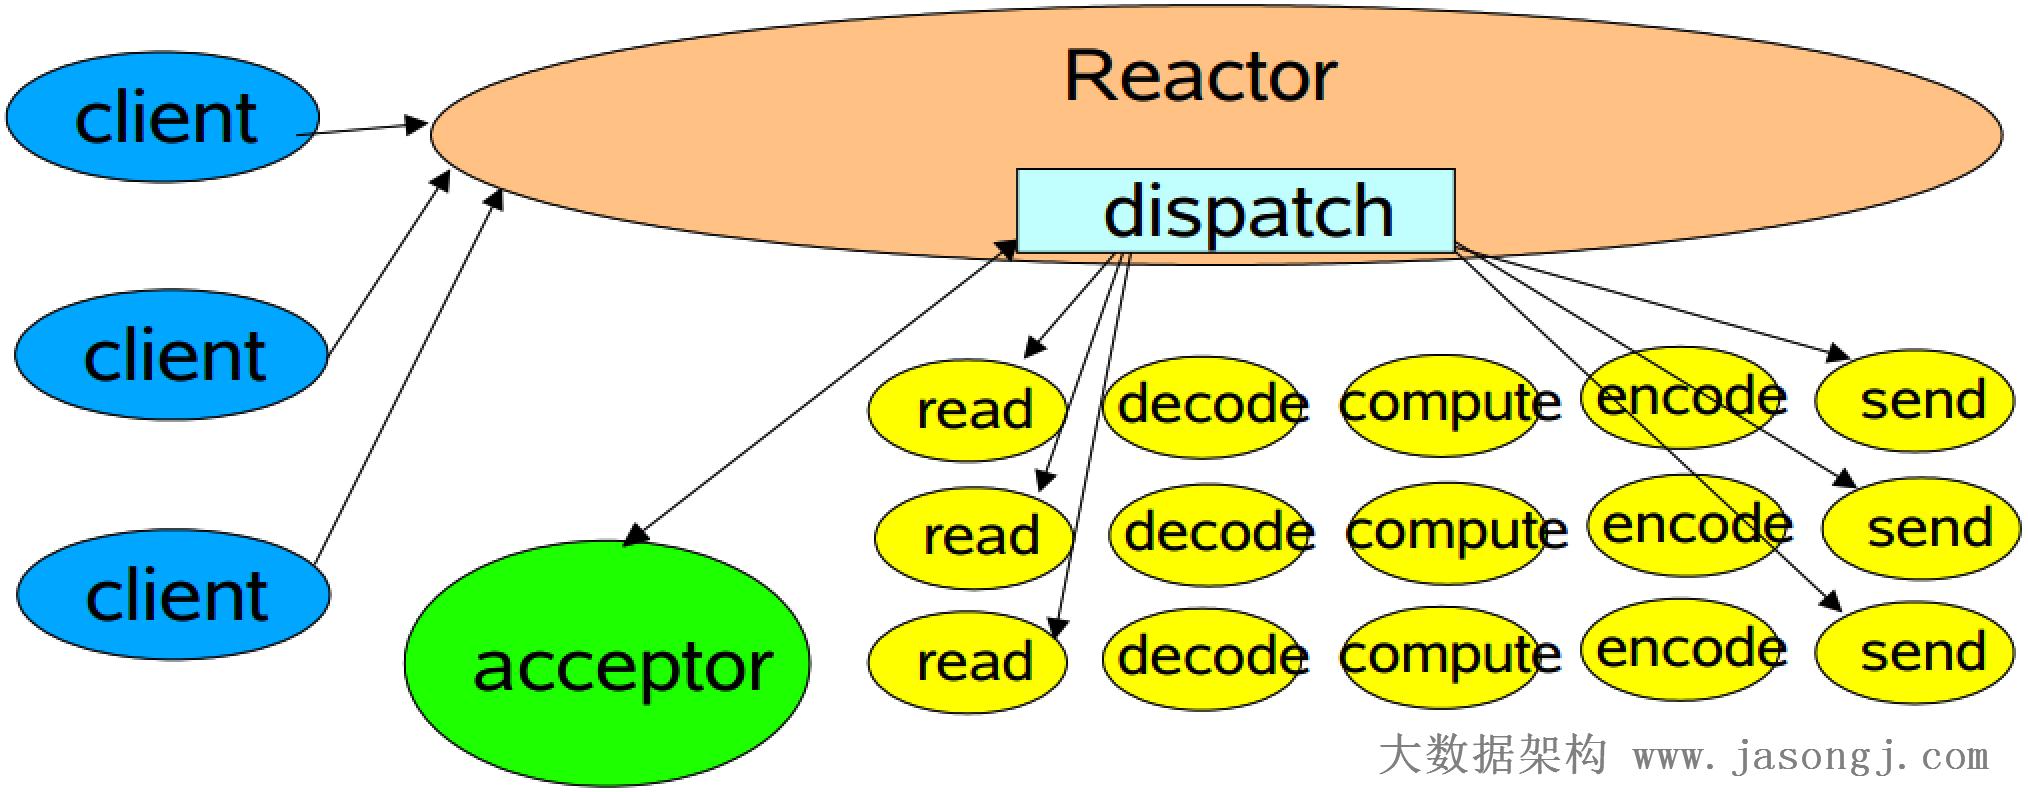 经典 Reactor 模式